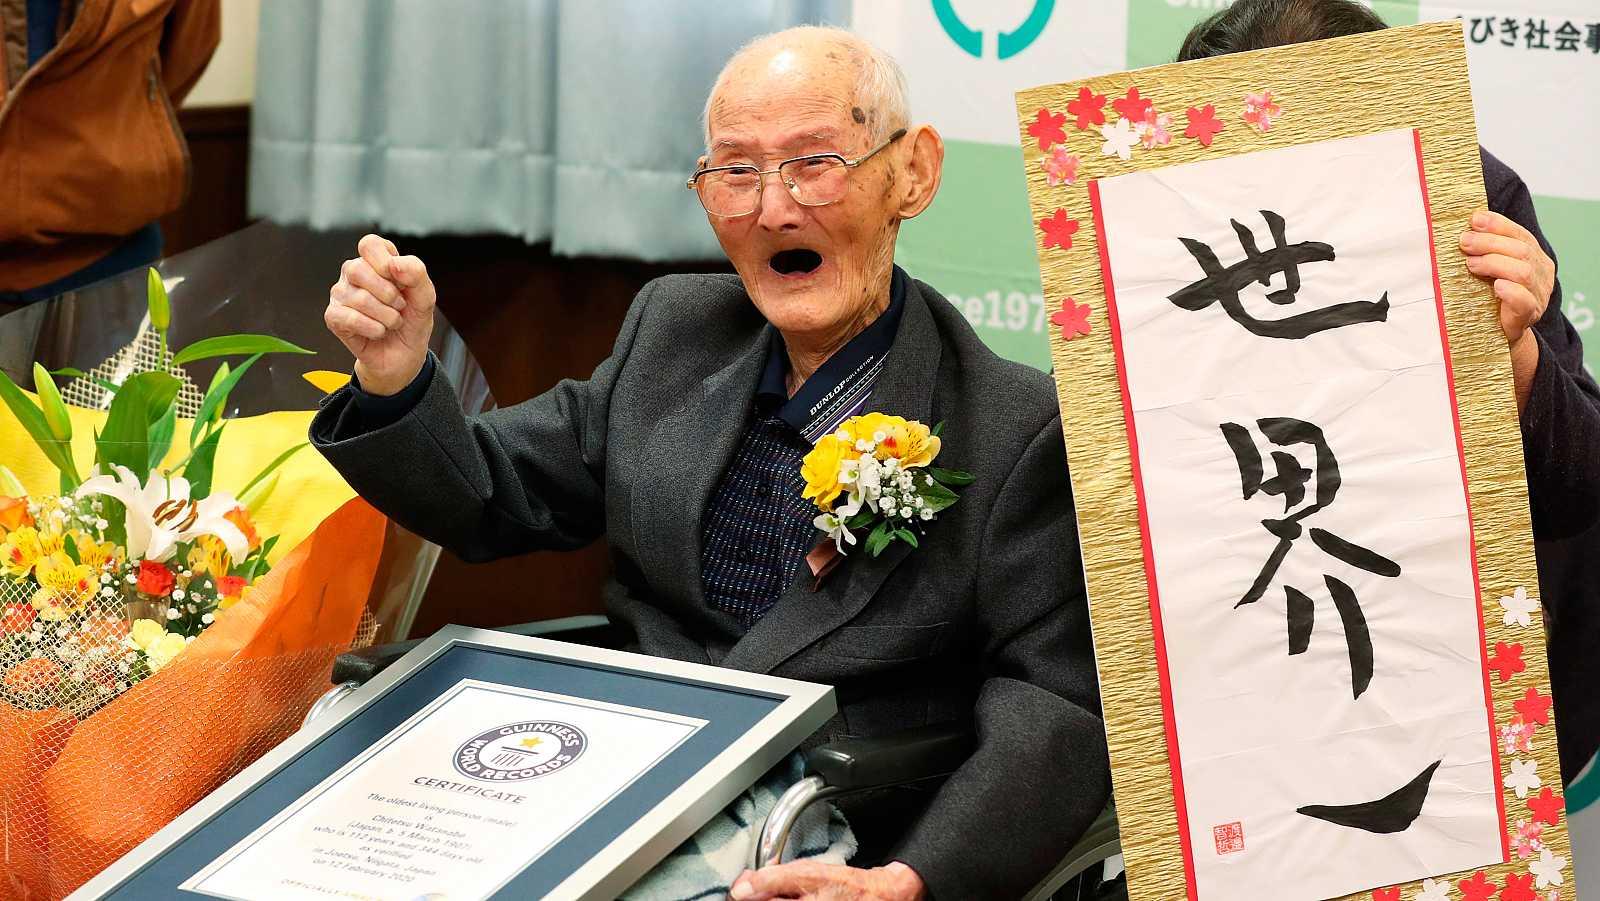 Muere el hombre más anciano del mundo 11 días después de recibir el Guinness World Record